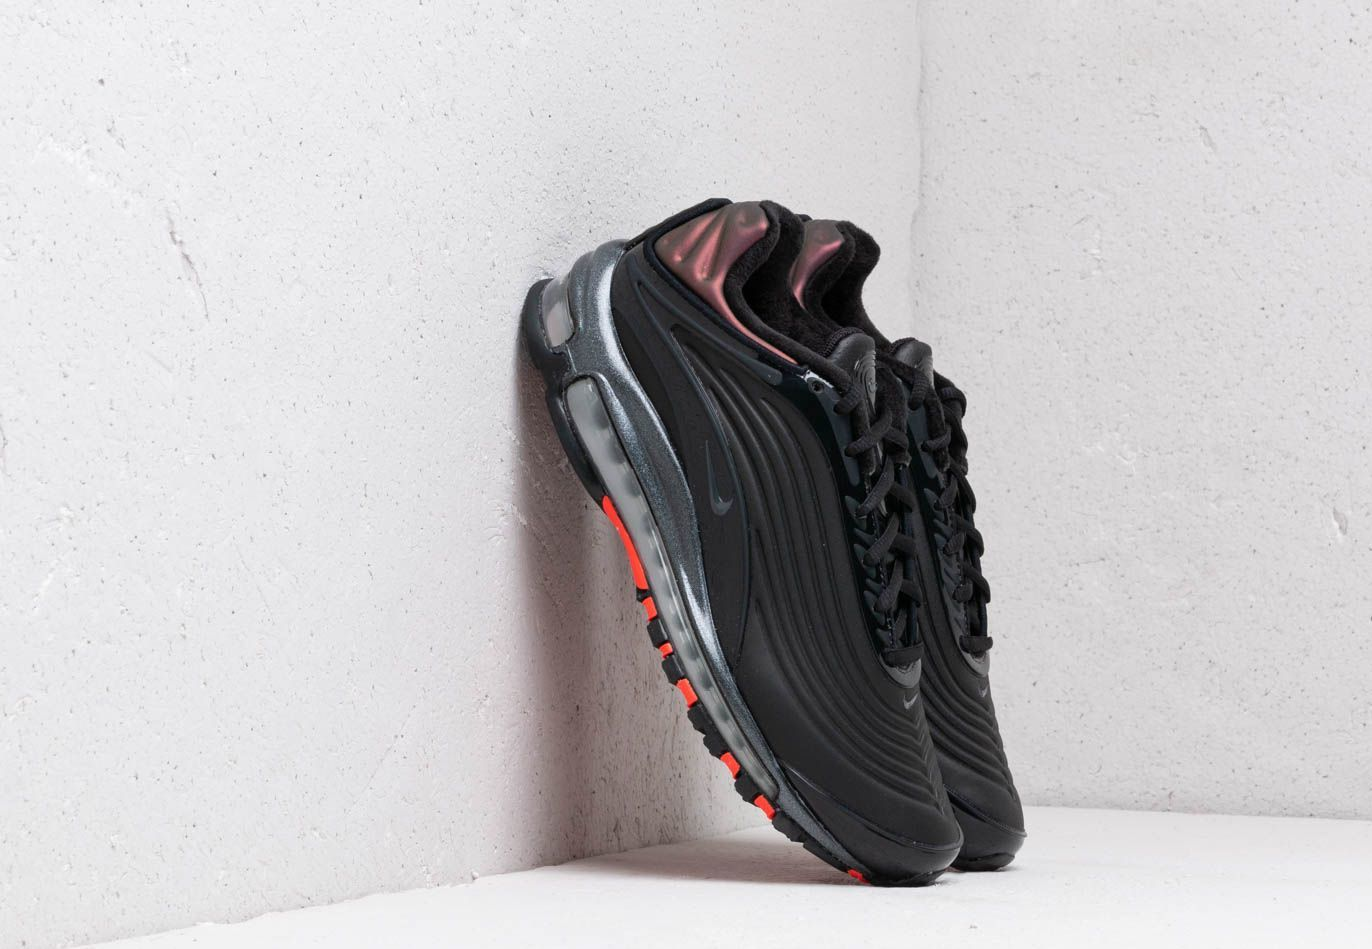 Nike Air Max Deluxe Se Black/ Anthracite-Bright Crimson AO8284-001